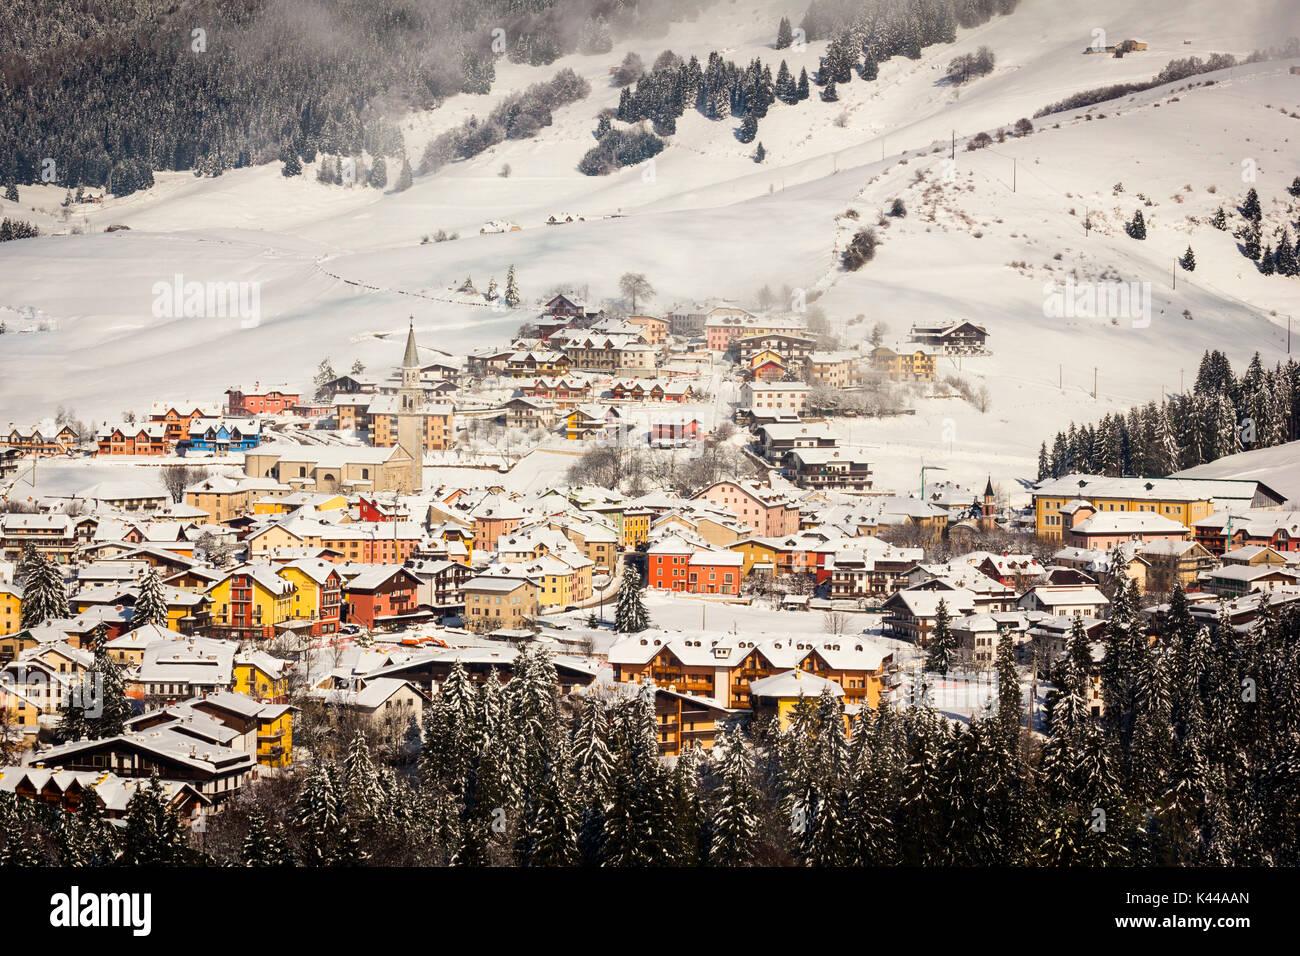 La ciudad, Galión, Altopiano de Asiago, en la provincia de Vicenza, Veneto, Italia. Estación de esquí de montaña en invierno. Imagen De Stock